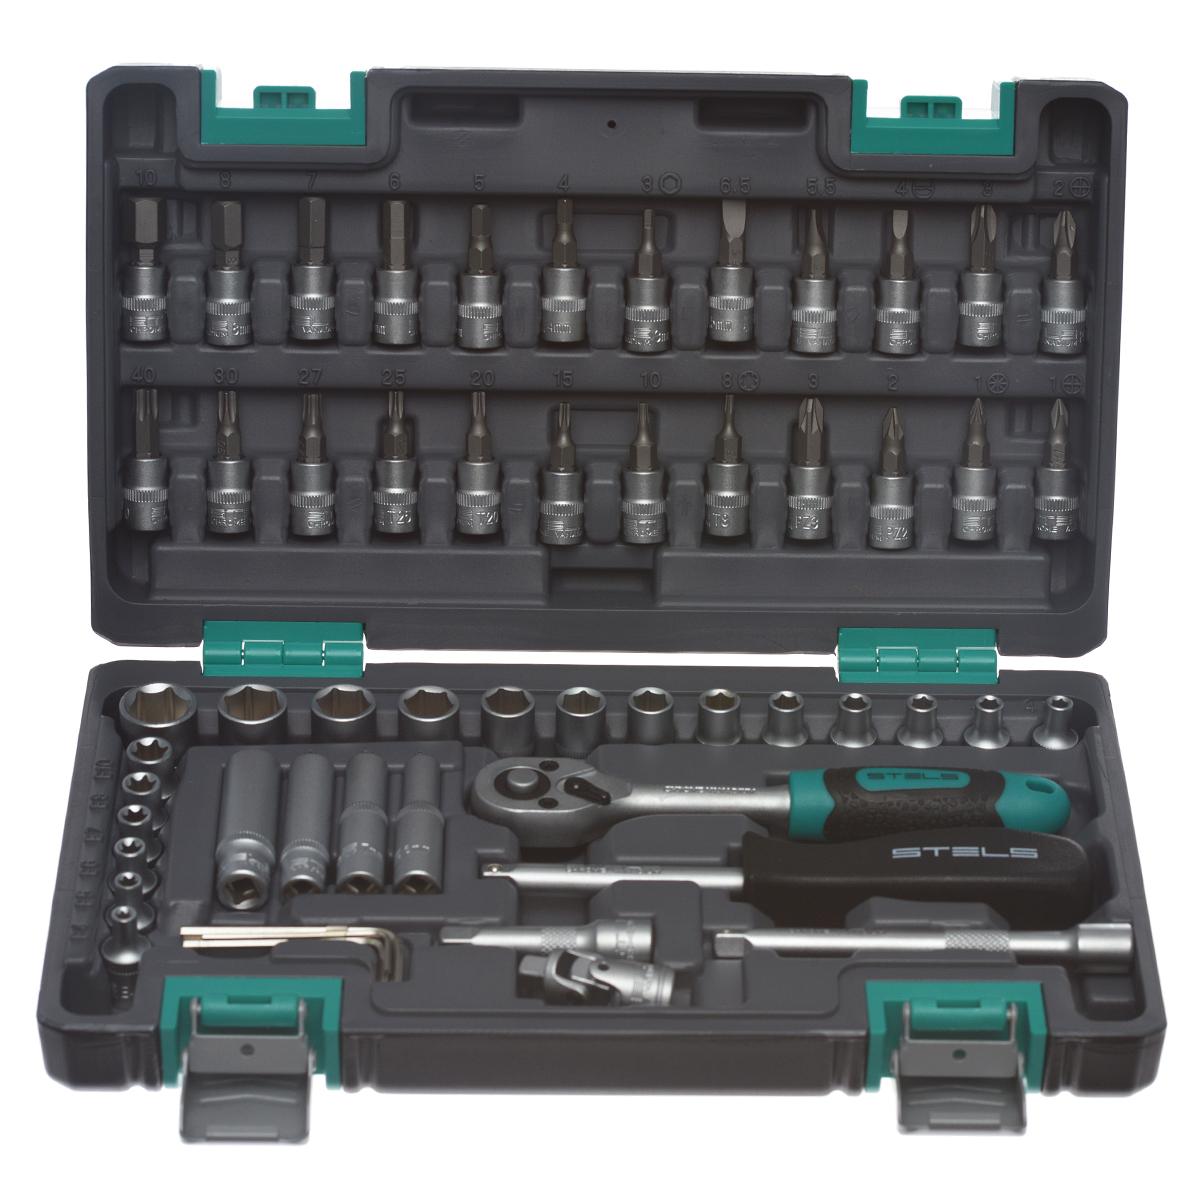 Набор инструментов Stels, 57 предметов98298130Набор инструментов торговой марки Stels разработан специально для автолюбителей и центров технического обслуживания. Каждый этап производства контролируется в соответствии с международными стандартами. Головки и комбинированные ключи изготовлены из хромованадиевой стали, придающей инструменту исключительную твердость в сочетании с легкостью. Набор упакован в кейс, изготовленный из жесткого противоударного пластика.Состав набора:Ключ трещоточный 1/4.Головки торцевые 1/4: 4 мм, 4,5 мм, 5 мм, 5,5 мм, 6 мм, 7 мм, 8 мм, 9 мм, 10 мм, 11 мм, 12 мм, 13 мм, 14 мм.Головки торцевые 1/4, удлиненные: 6 мм, 7 мм, 8 мм, 10 мм.Кардан шарнирный 1/4.Удлинители 1/4: 50 мм, 100 мм.Отвертка-битодержатель 1/4.Ключи шестигранные: 1,5 мм, 2 мм, 2,5 мм, 3 мм.Головки торцевые 1/4 со вставкой: Т8, Т10, Т15, Т20, Т25, Т27, Т30, Т40, E4, E5, E6, E7, E8, E10, PH1, PH2, PH3, PZ1, PZ2, PZ3, H3, H4, H5, H6, H7, H8, H10, SL4, SL5,5, SL6,5.